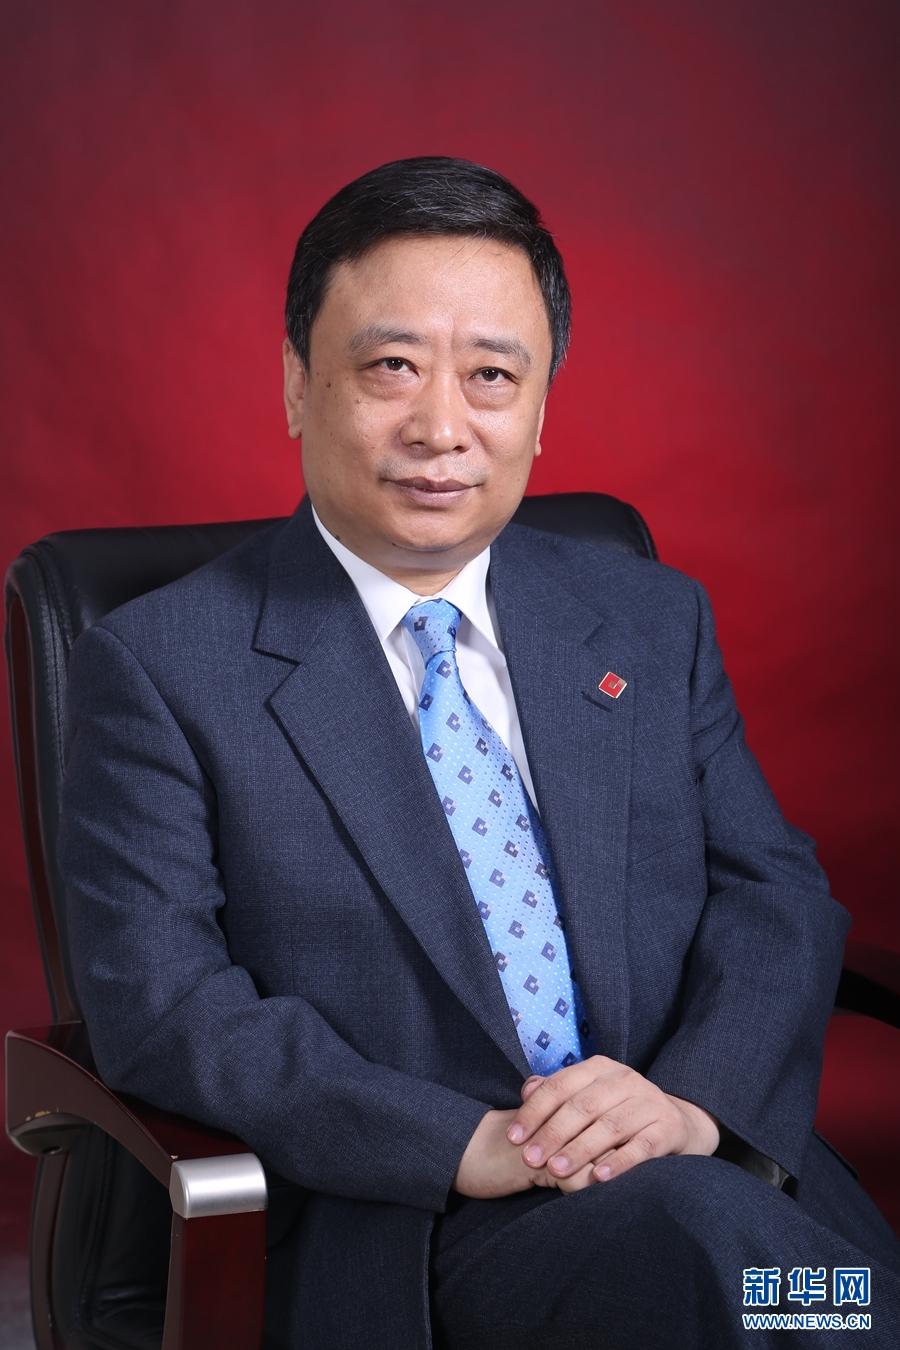 李耀强:将复工复产与深化改革结合